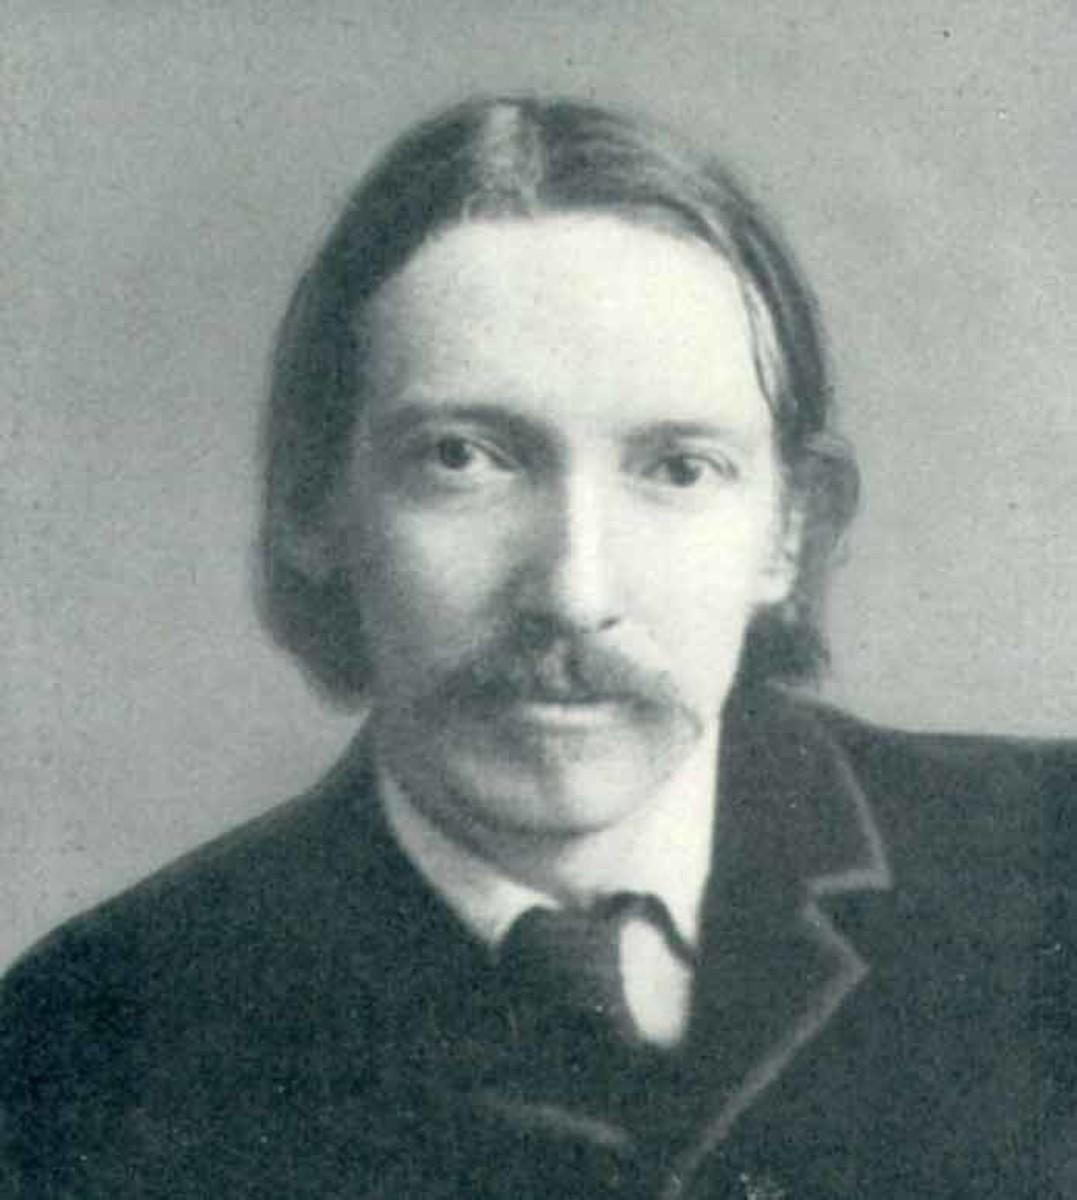 Robert Louis Stevenson, (November 13, 1850 - December 3, 1894)